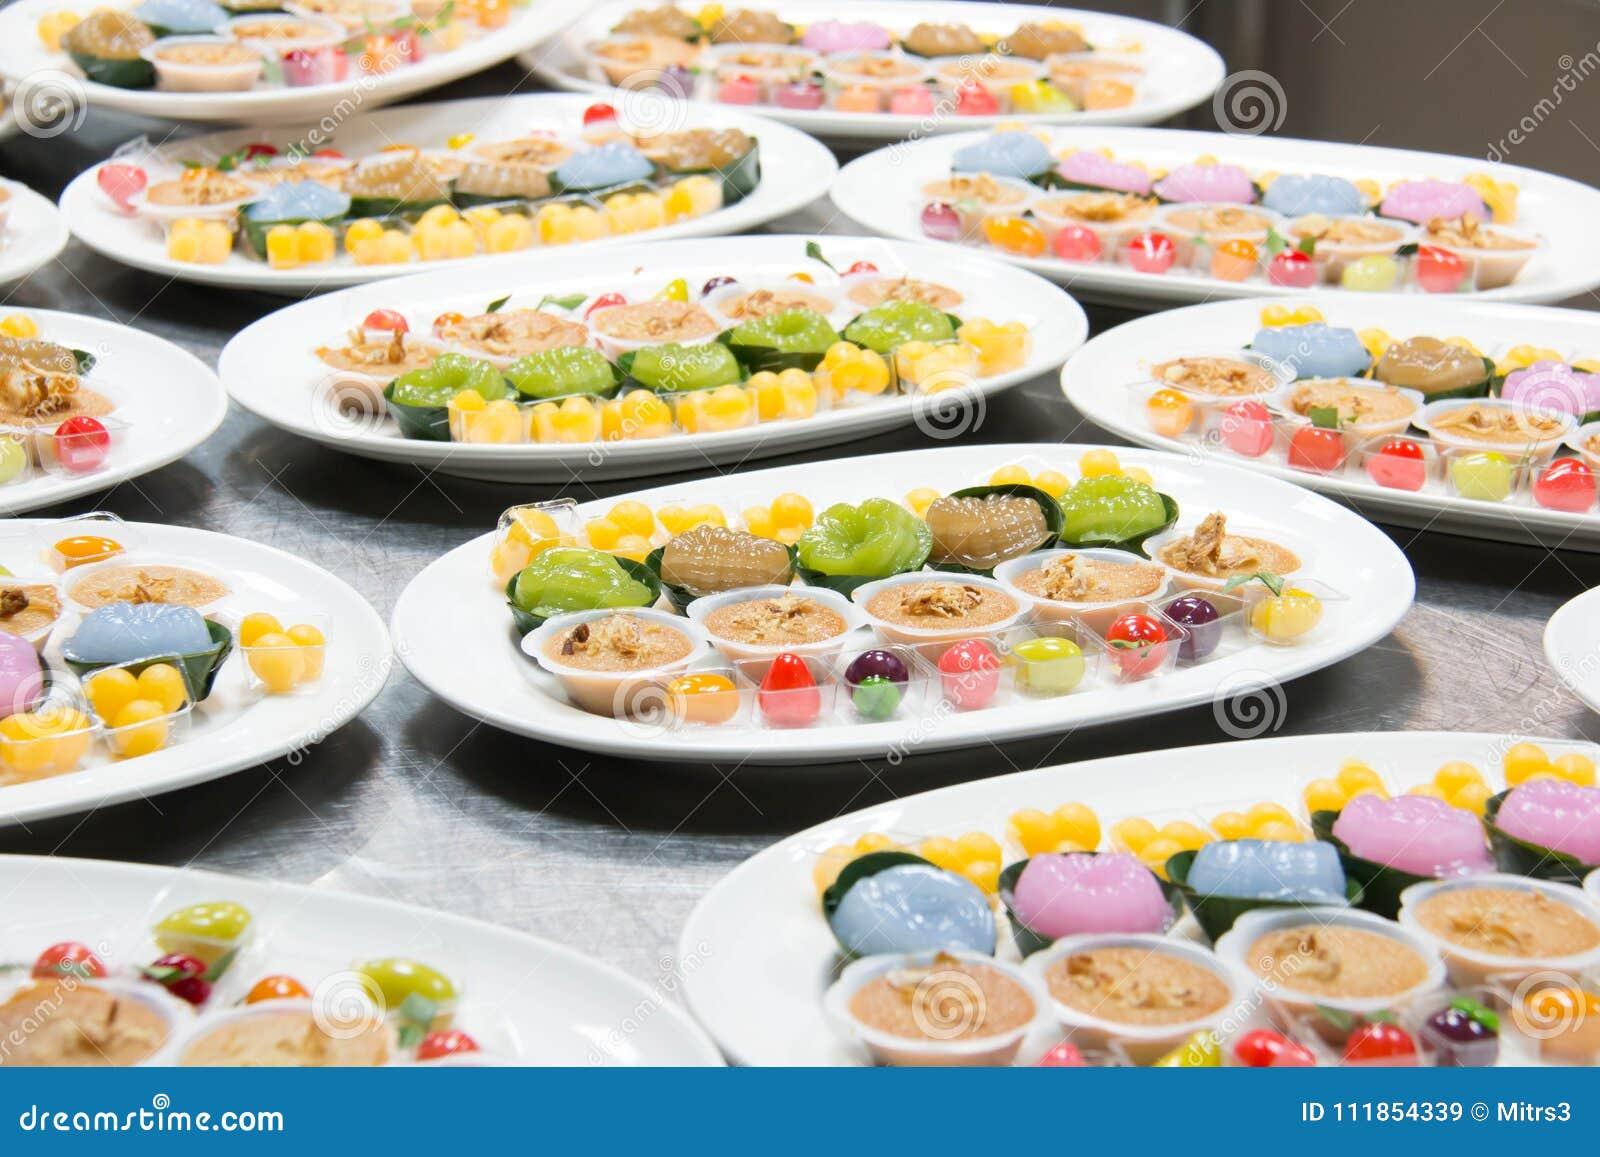 Mini Thai Food And Dessert